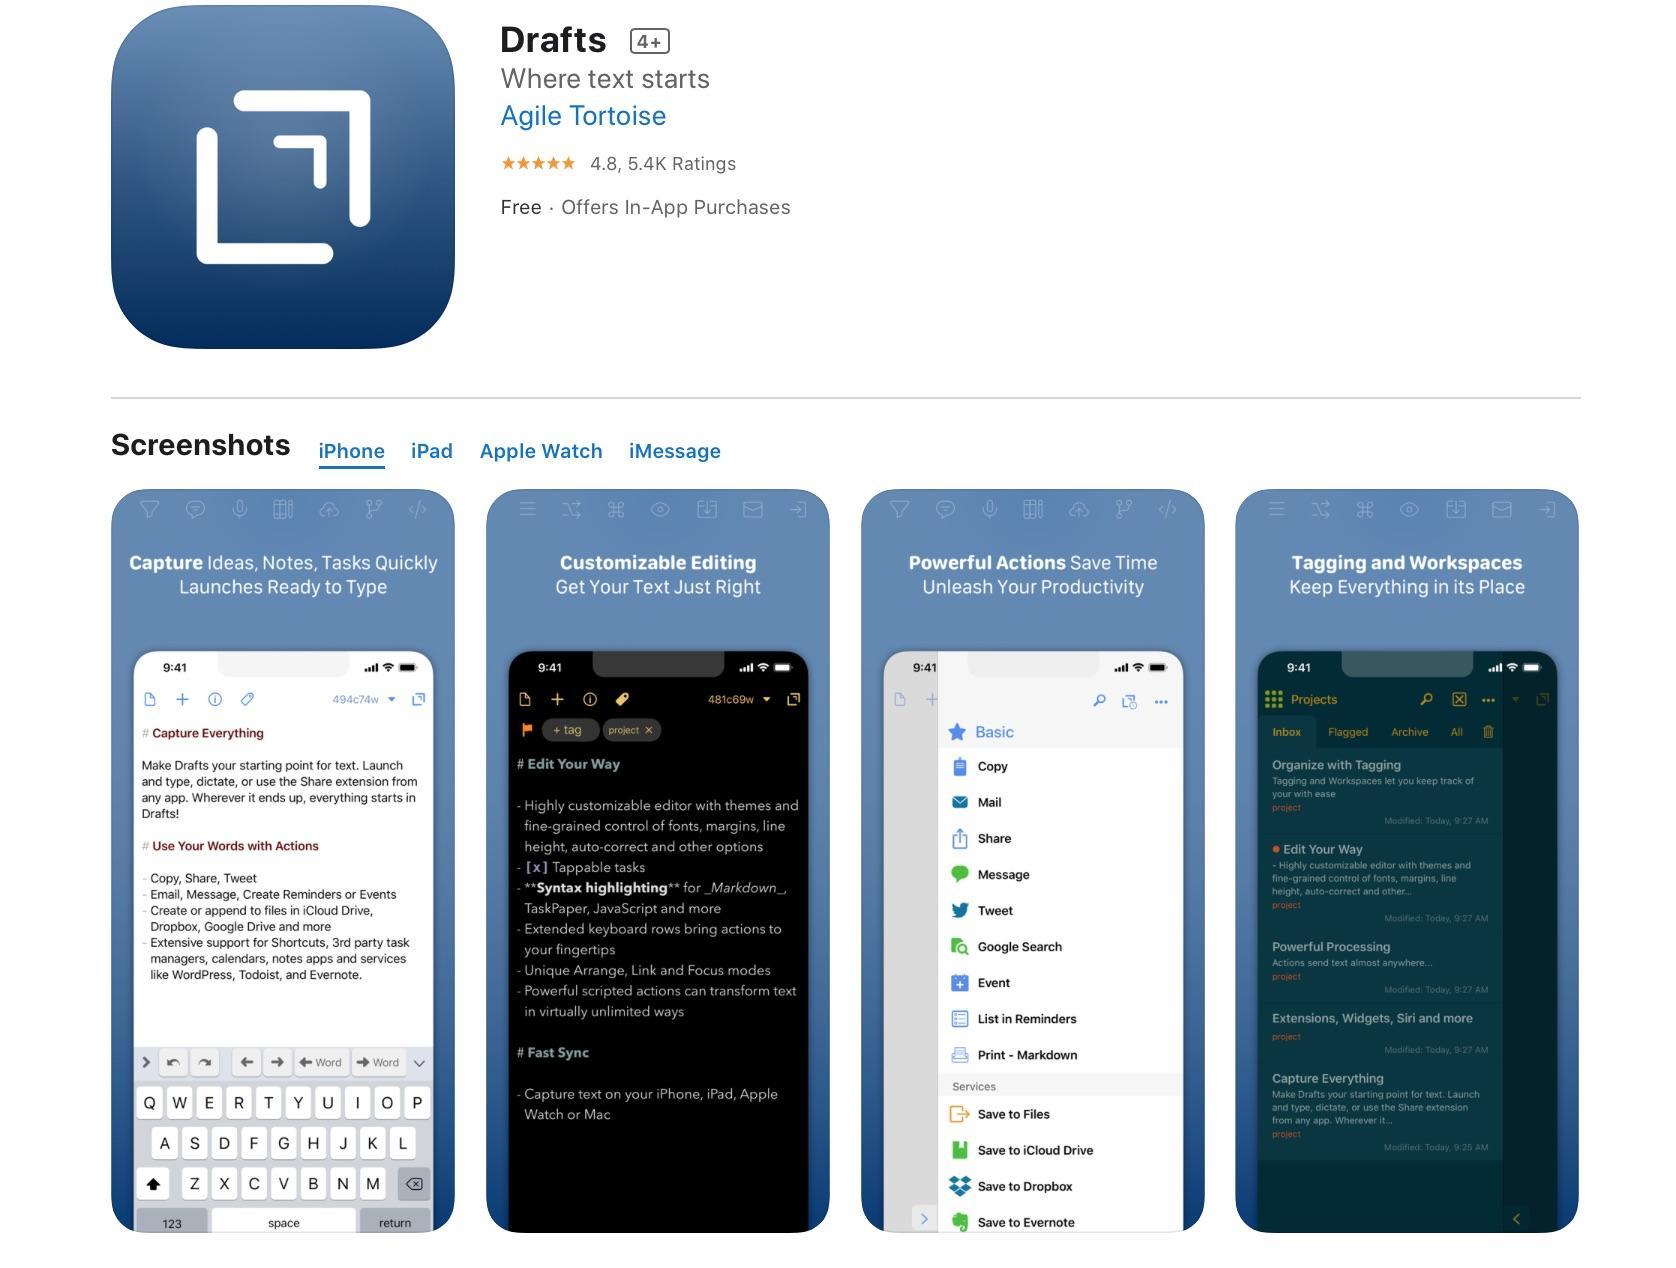 drafts-agile-tortoise.jpg